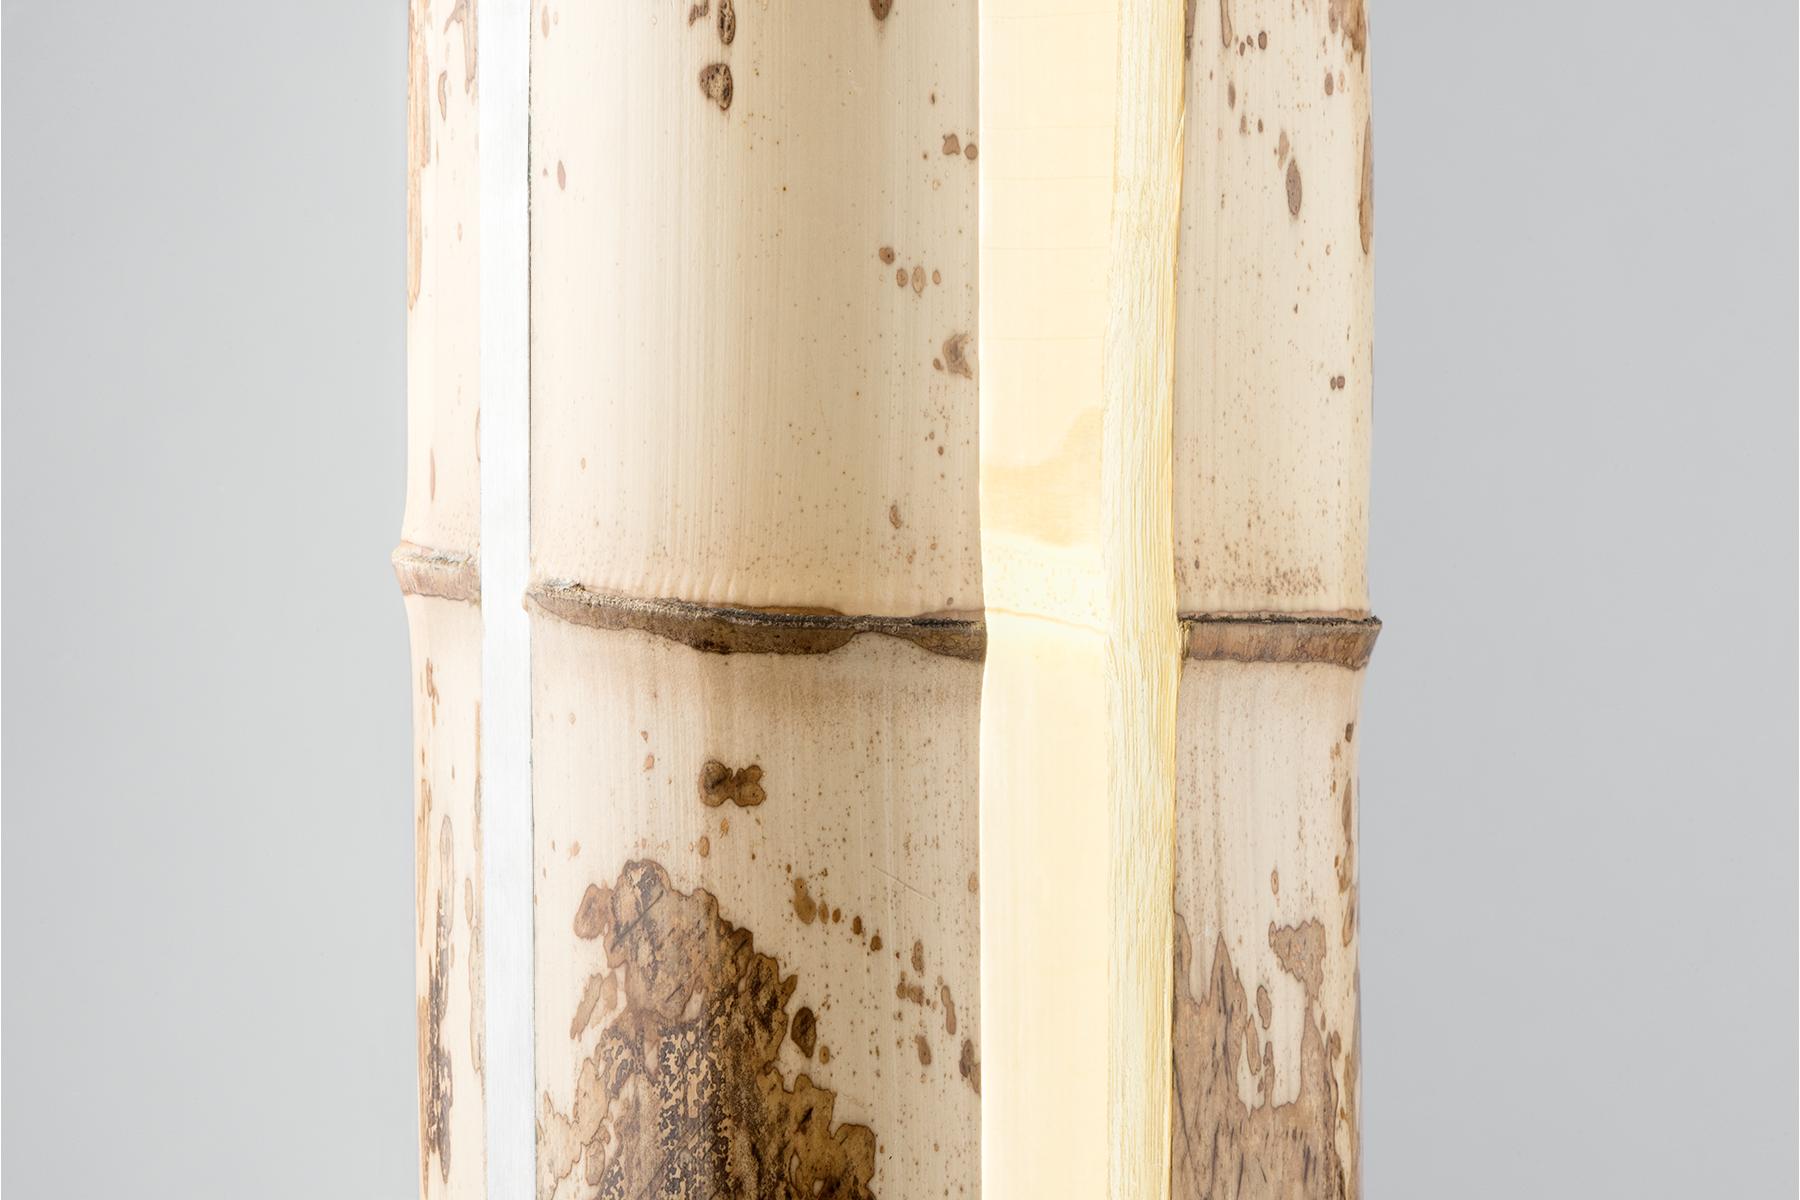 cover kyoto contemporary project les ateliers de paris kyoto paris artisan japonais designer francais luminaires en bambou design lampes kaguya